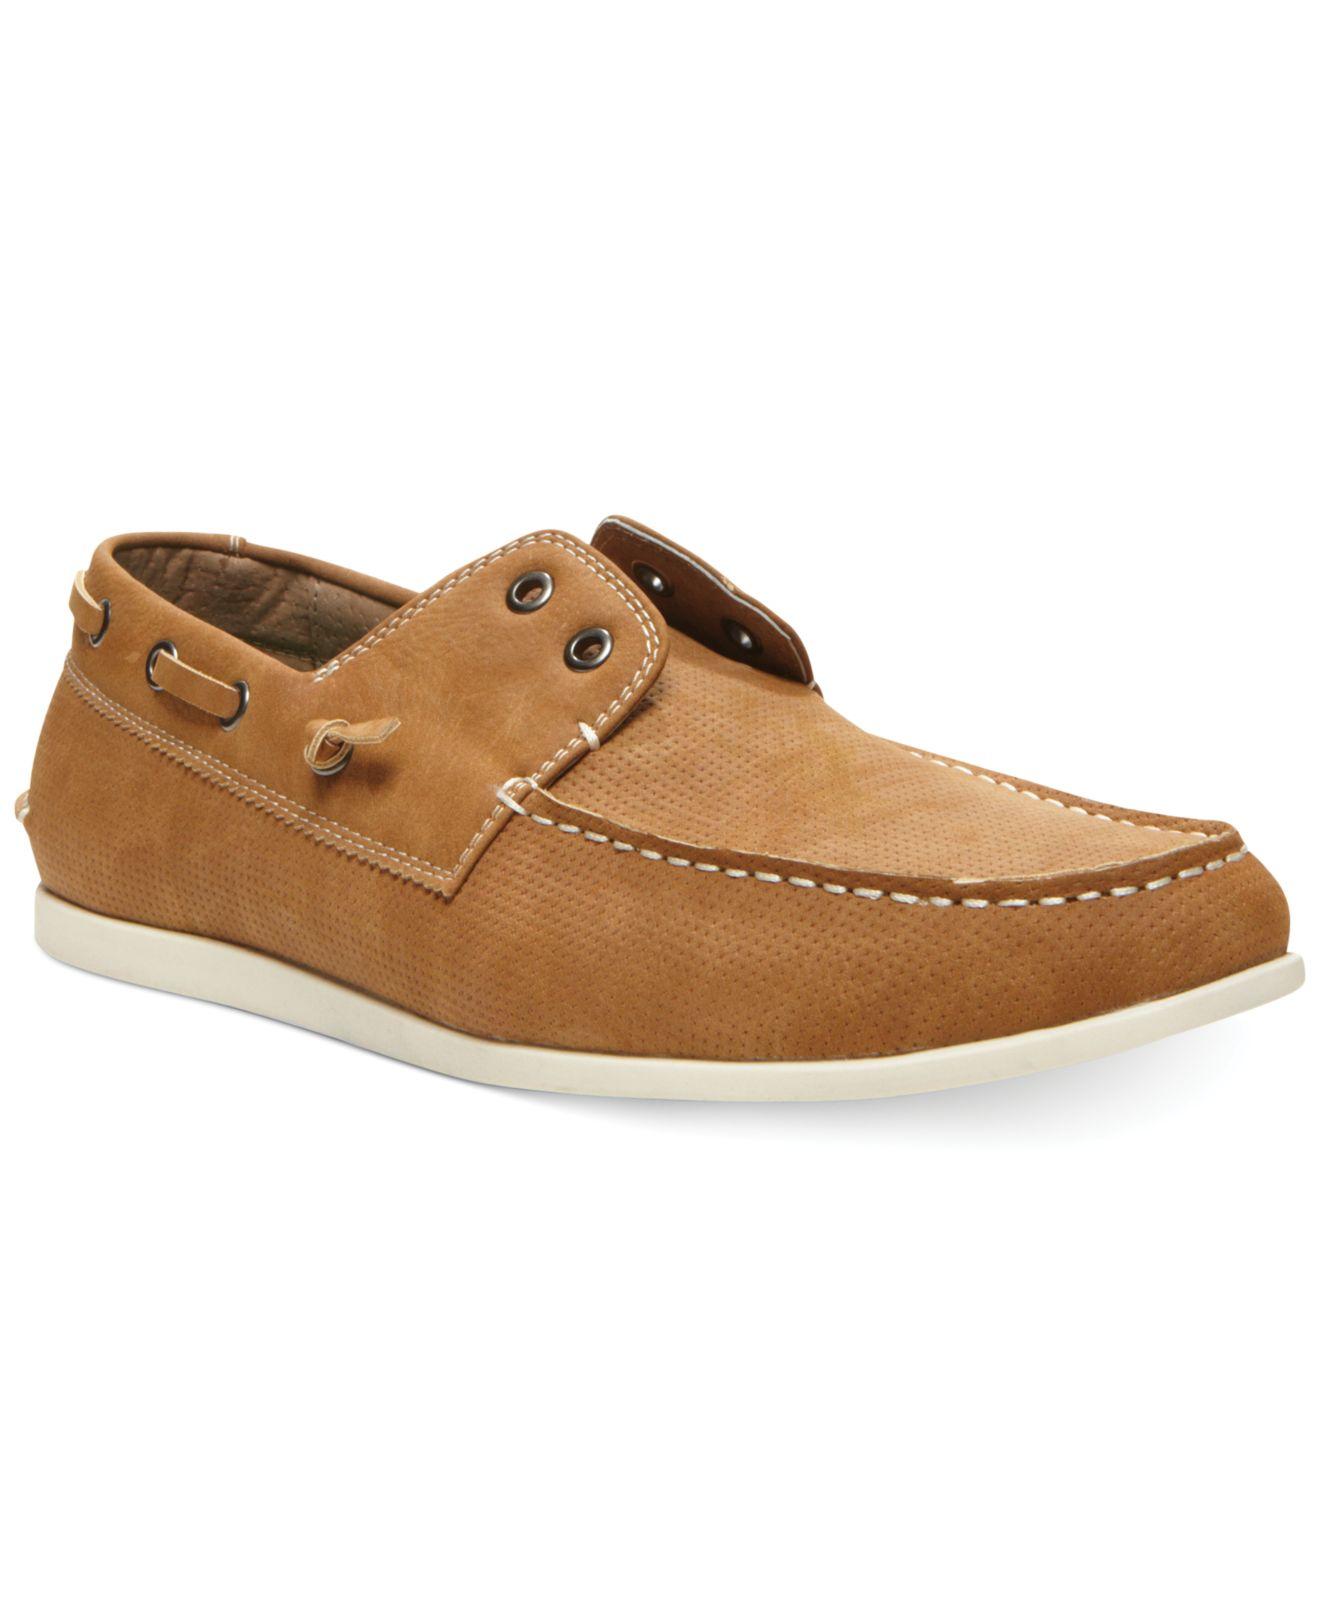 3742c6c55d3 Steve Madden Brown Madden Game On Boat Shoes for men